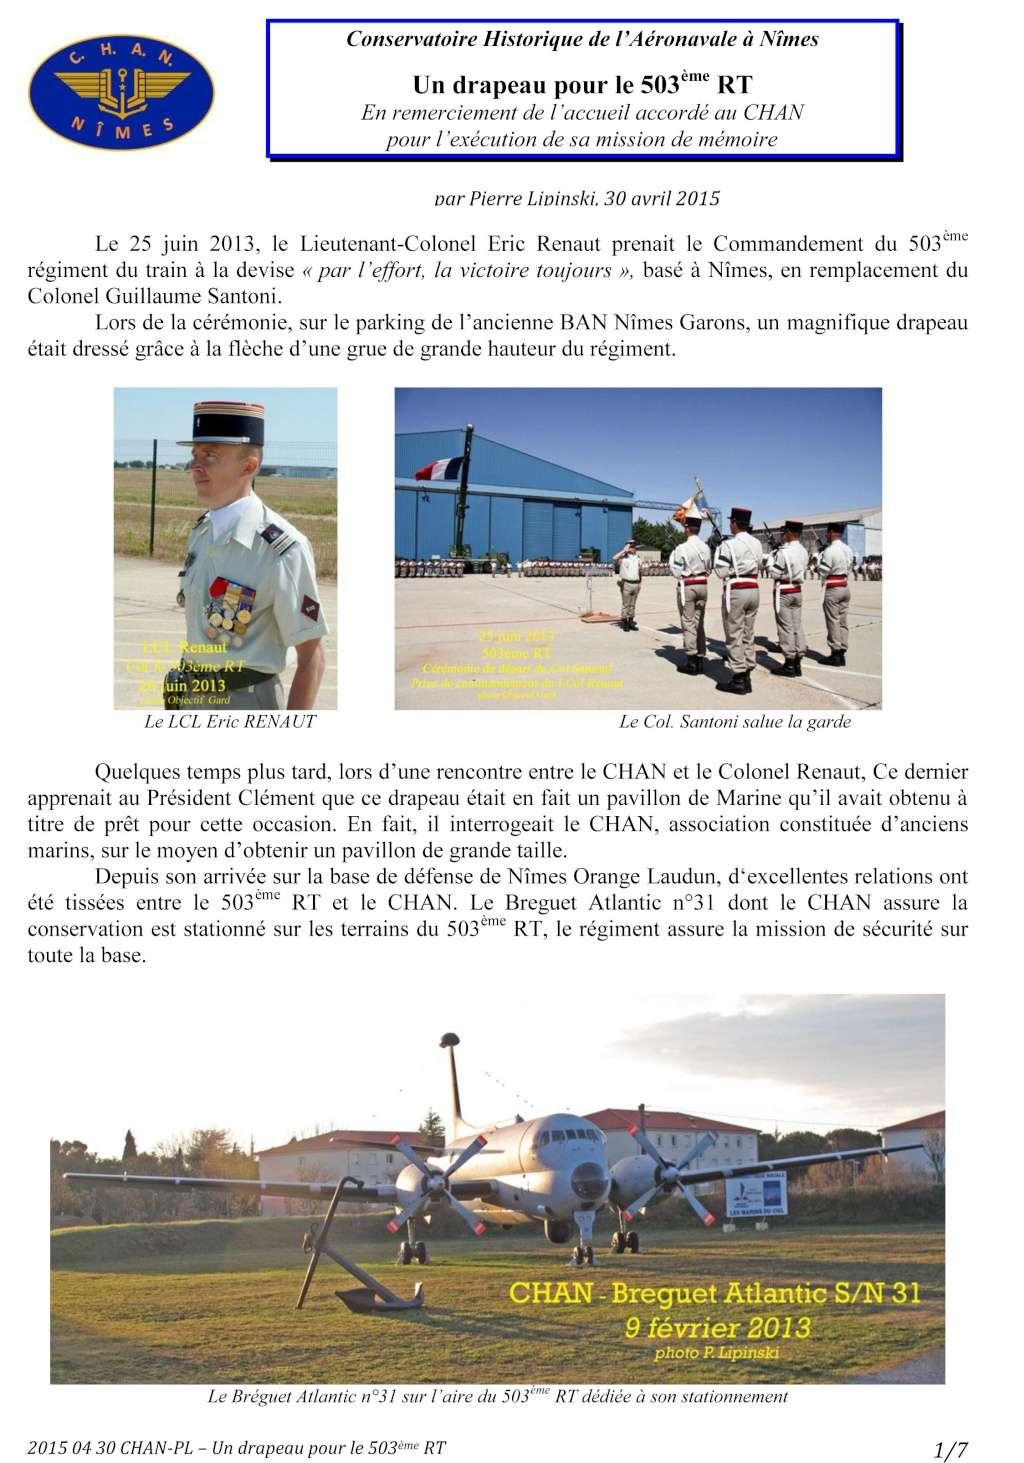 [Associations anciens marins] C.H.A.N.-Nîmes (Conservatoire Historique de l'Aéronavale-Nîmes) - Page 3 2015_010